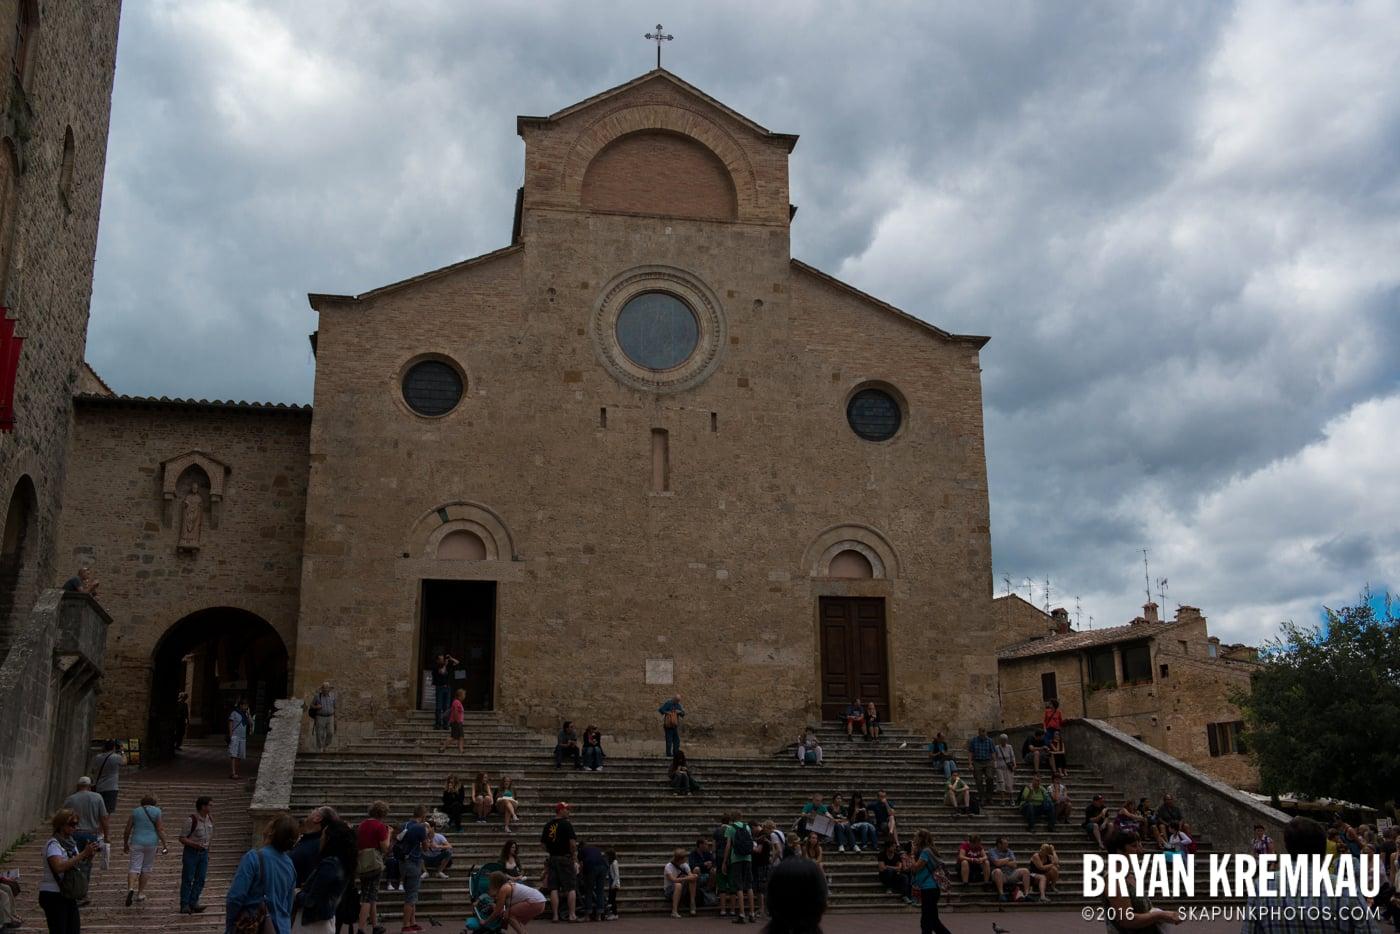 Italy Vacation - Day 8: Siena, San Gimignano, Chianti, Pisa - 9.16.13 (67)